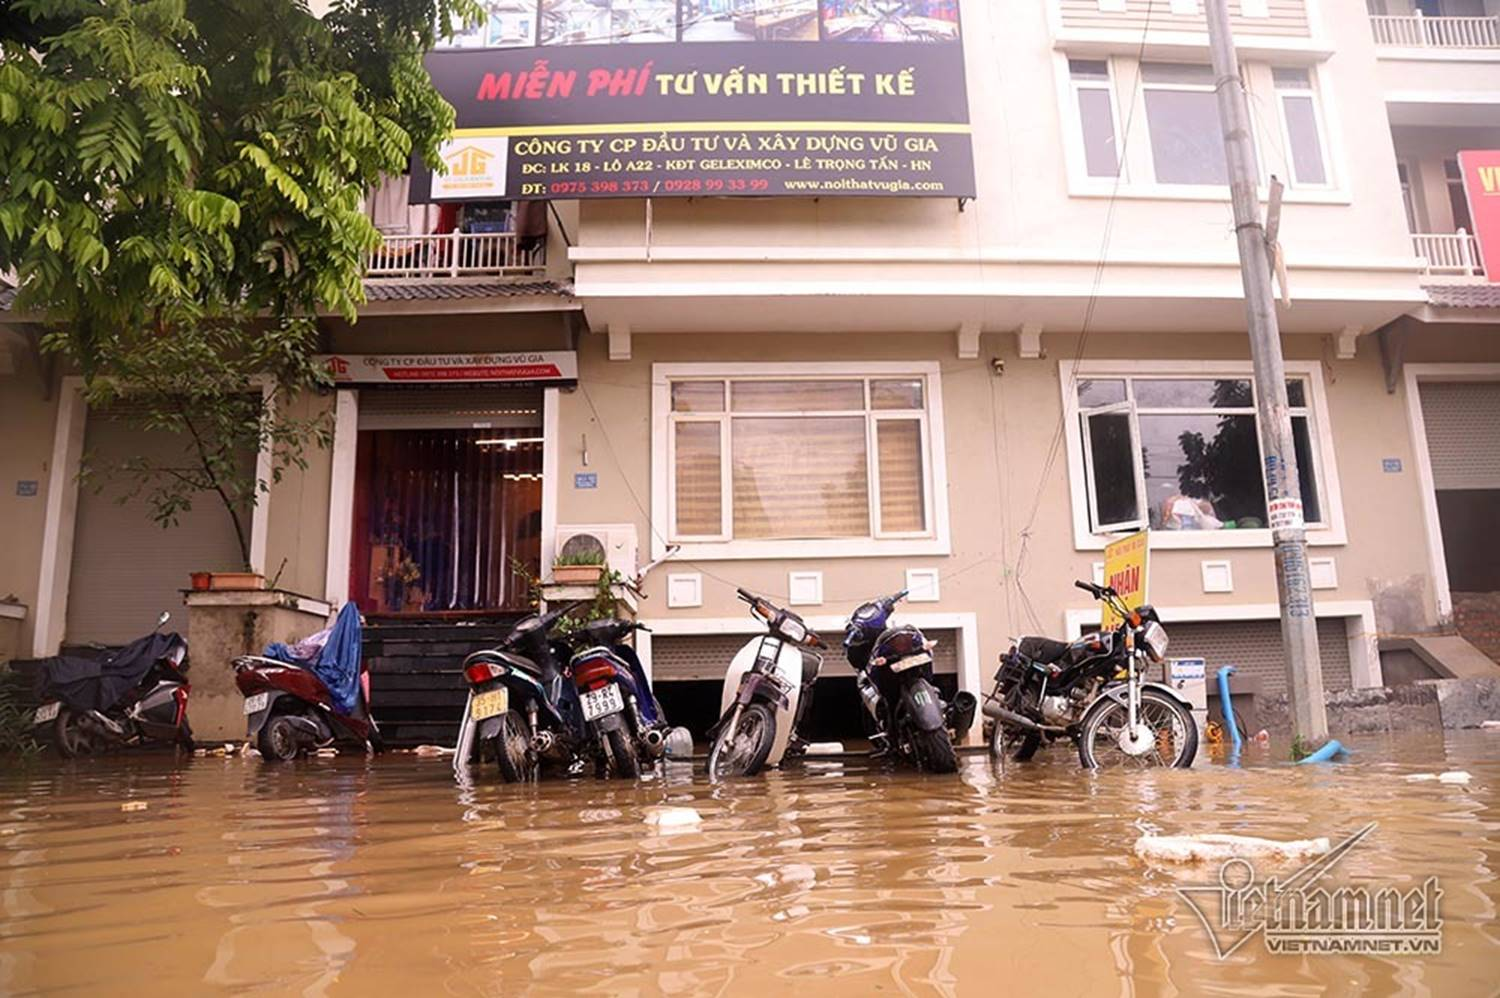 Biển nước bao vây khu biệt thự triệu đô ở Hà Nội-15